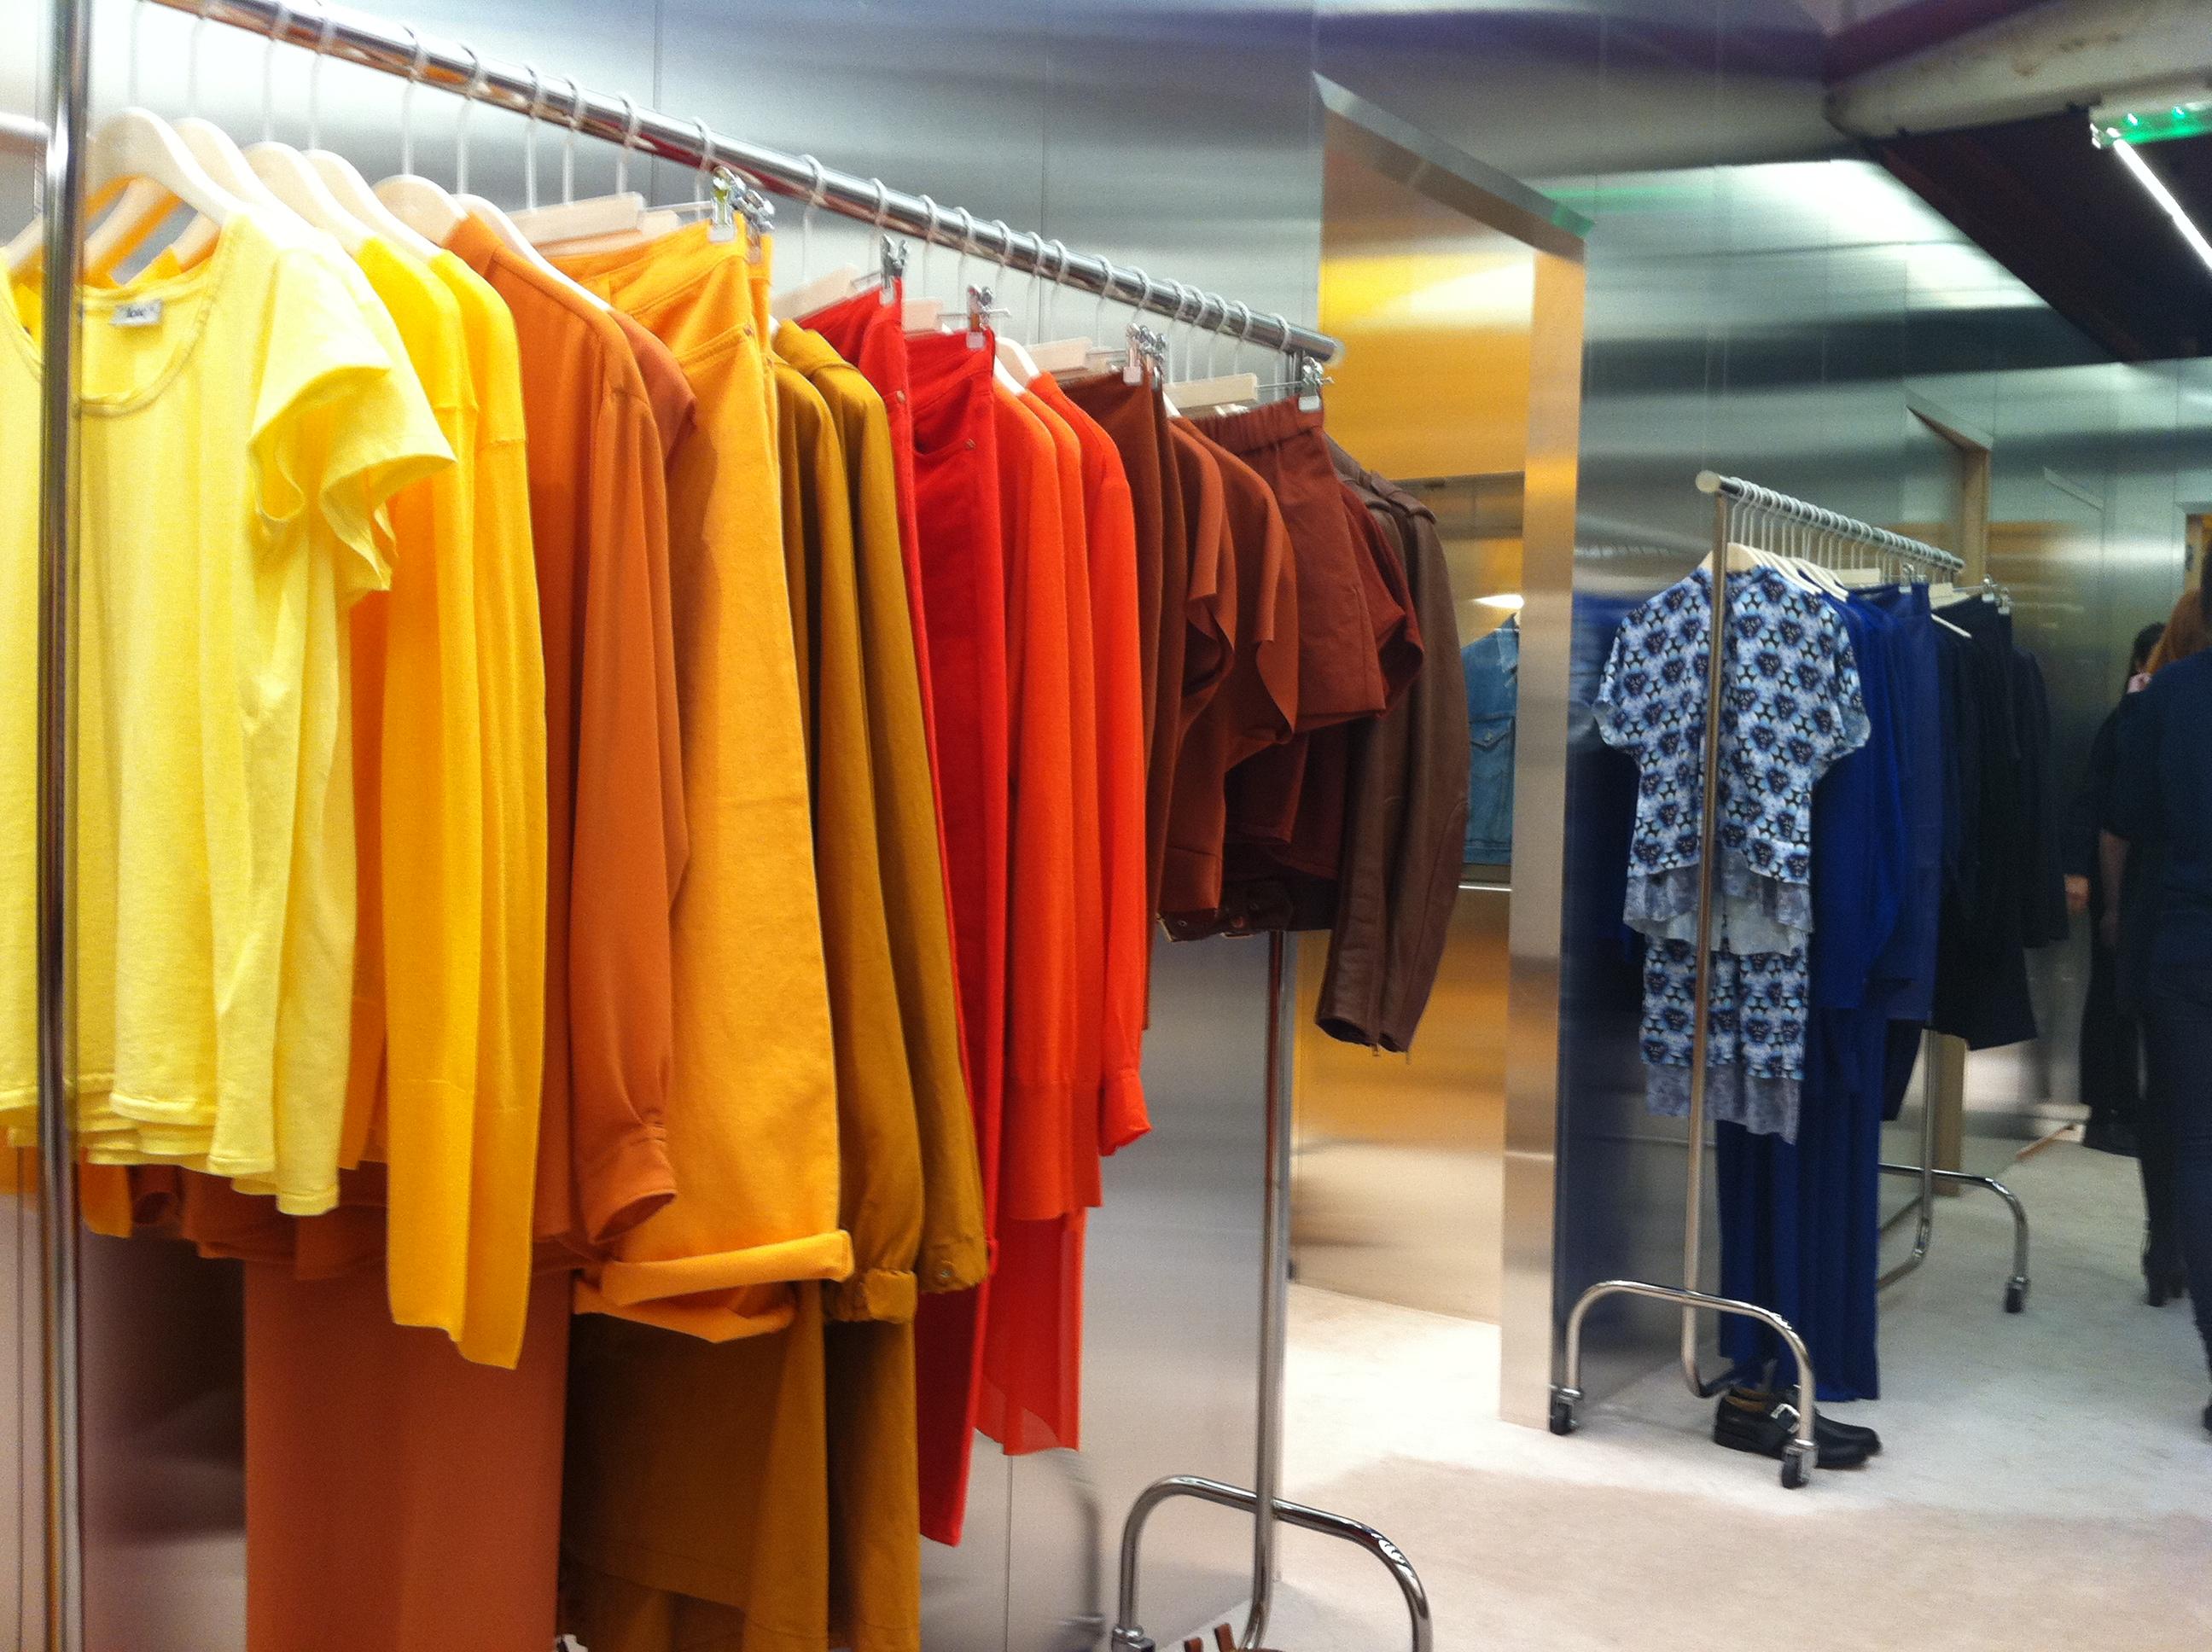 9dae9b893549 Acne Studio, 3 rue Froissart, Paris, 75003